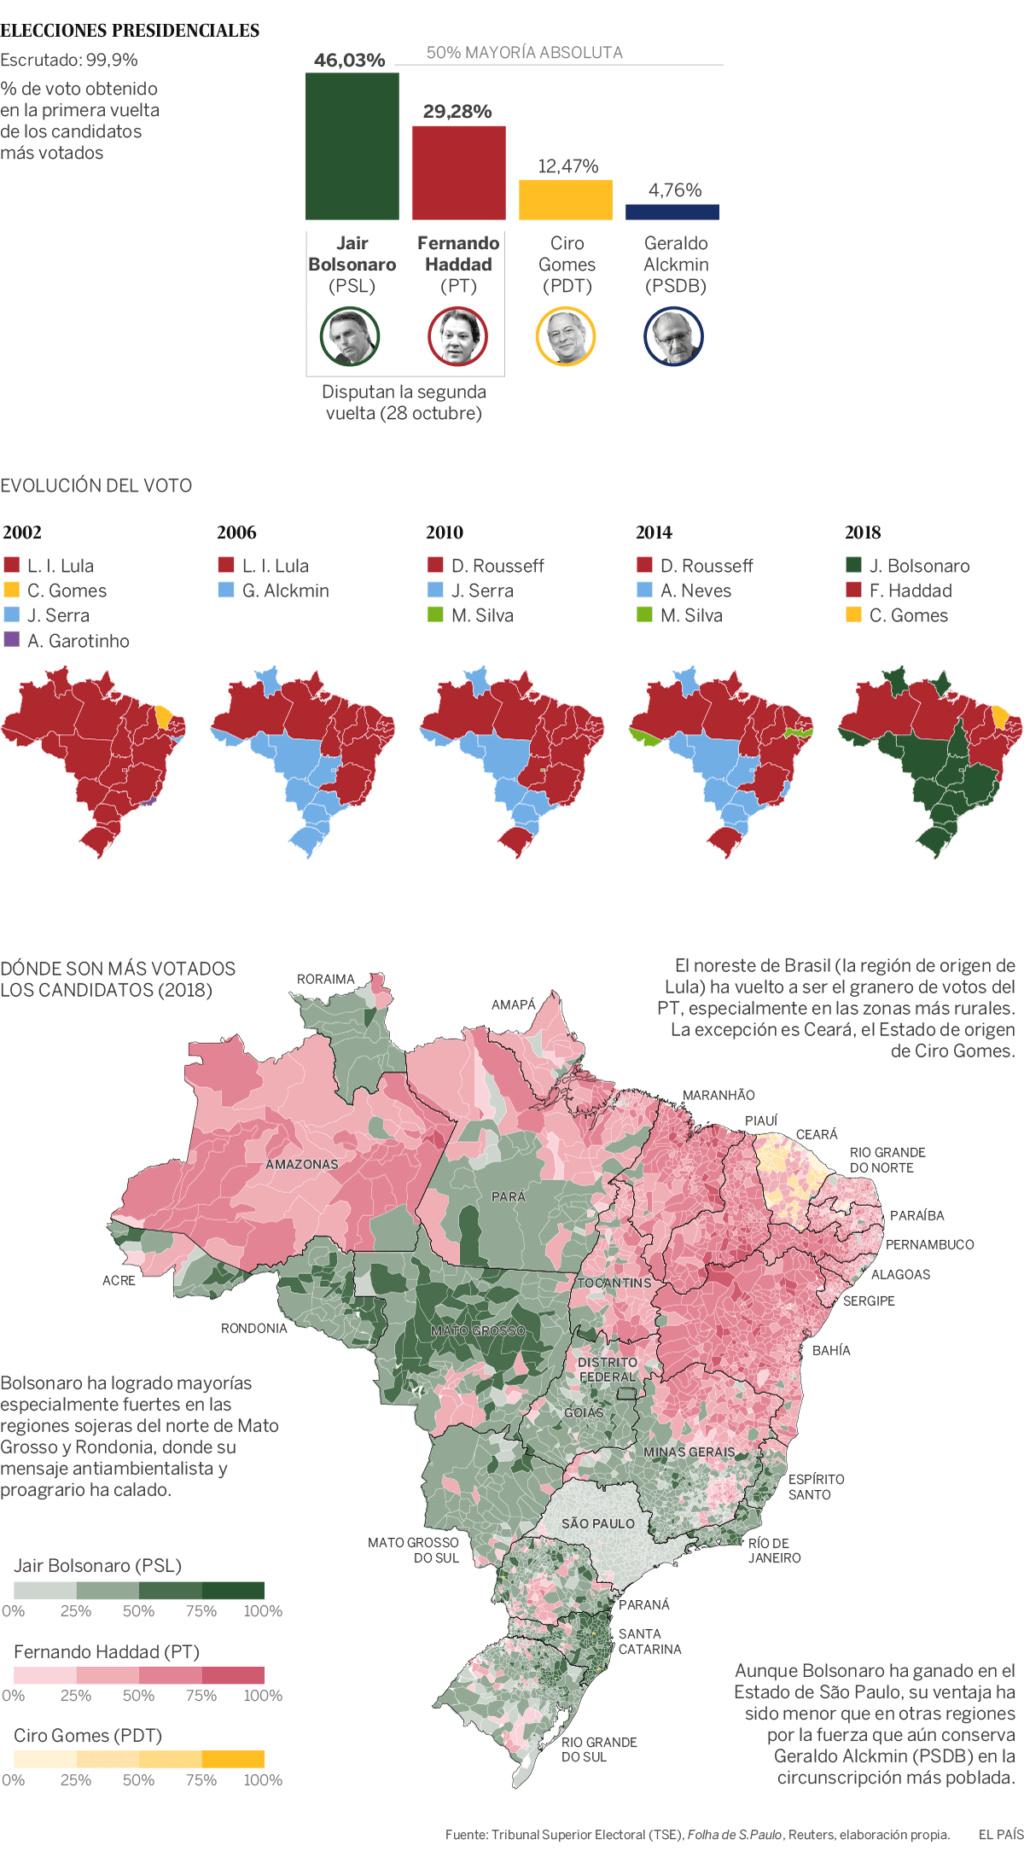 Brasil, crecimiento económico capitalista y luchas de clases. - Página 12 15389910